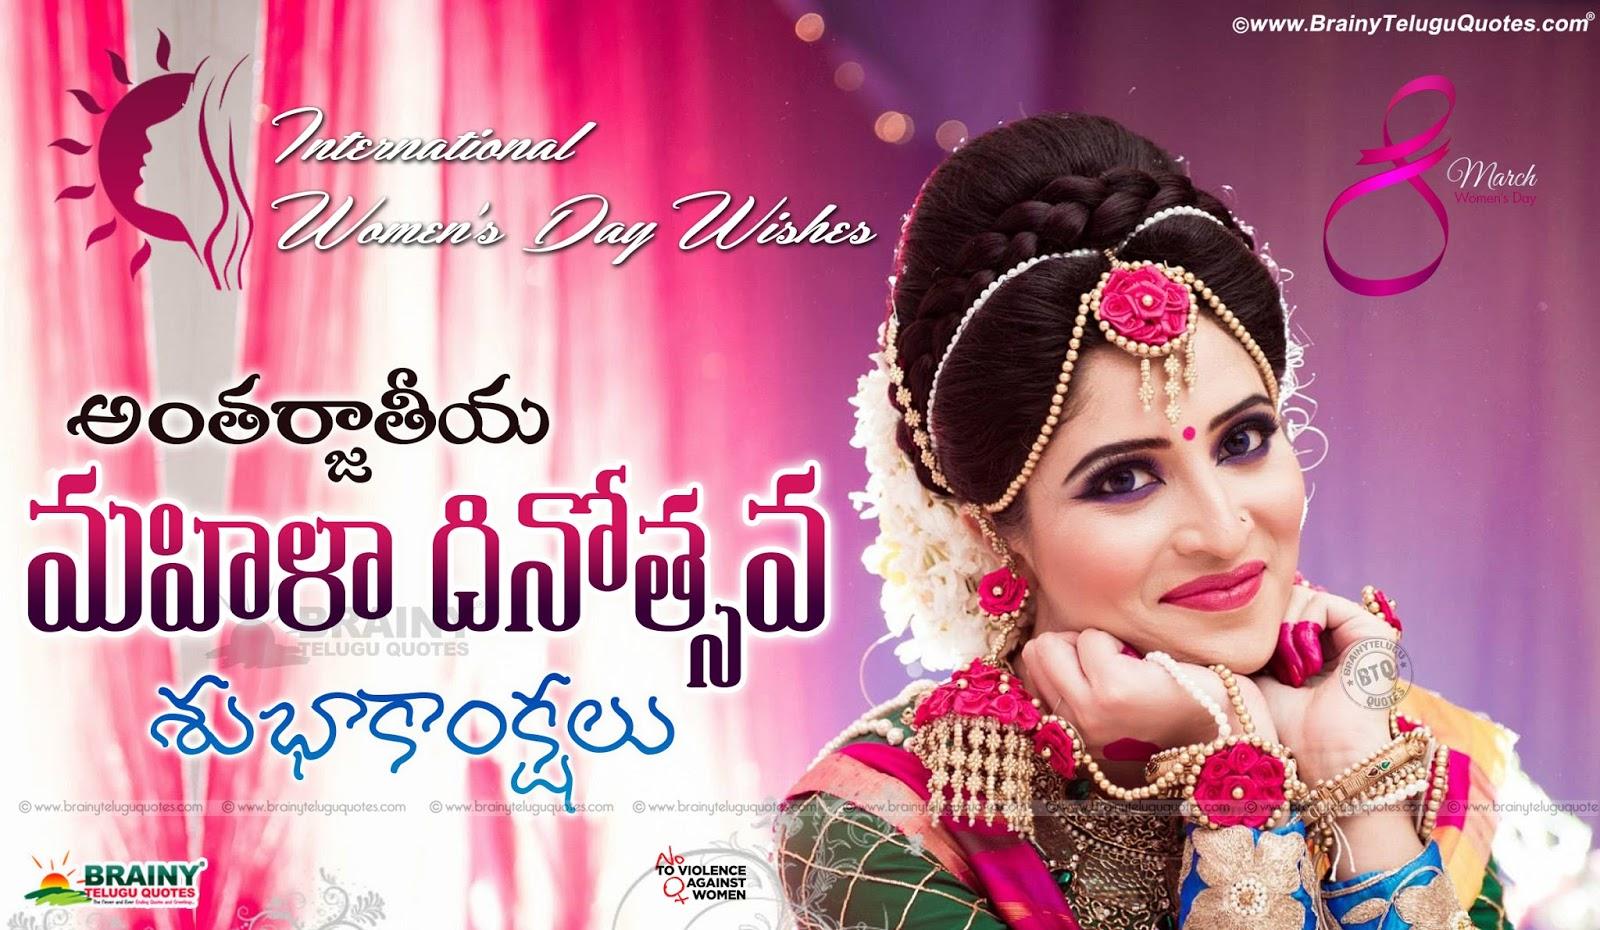 Trending Telugu Best International Womens Day Telugu Greetings